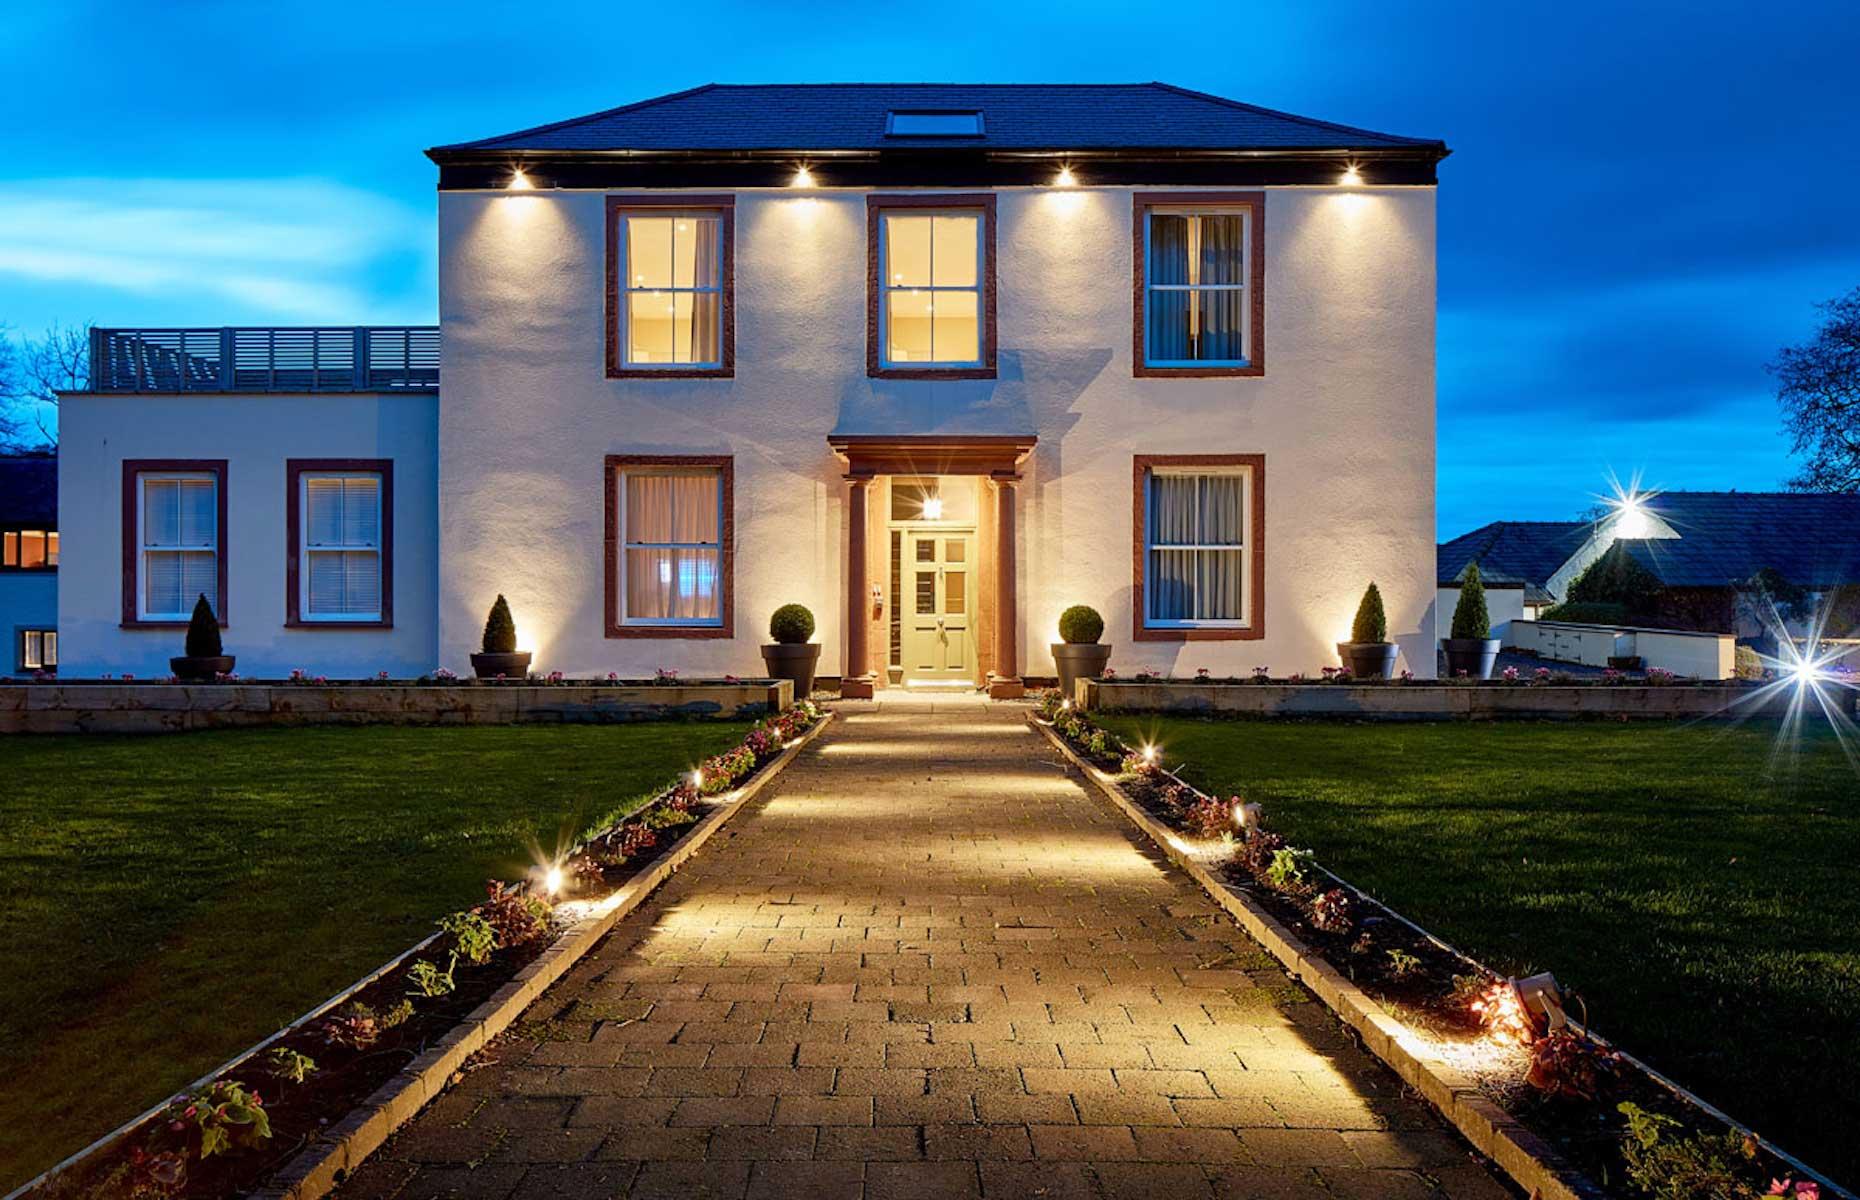 Luxury Lodges (Image: Courtesy of Luxury Lodges)